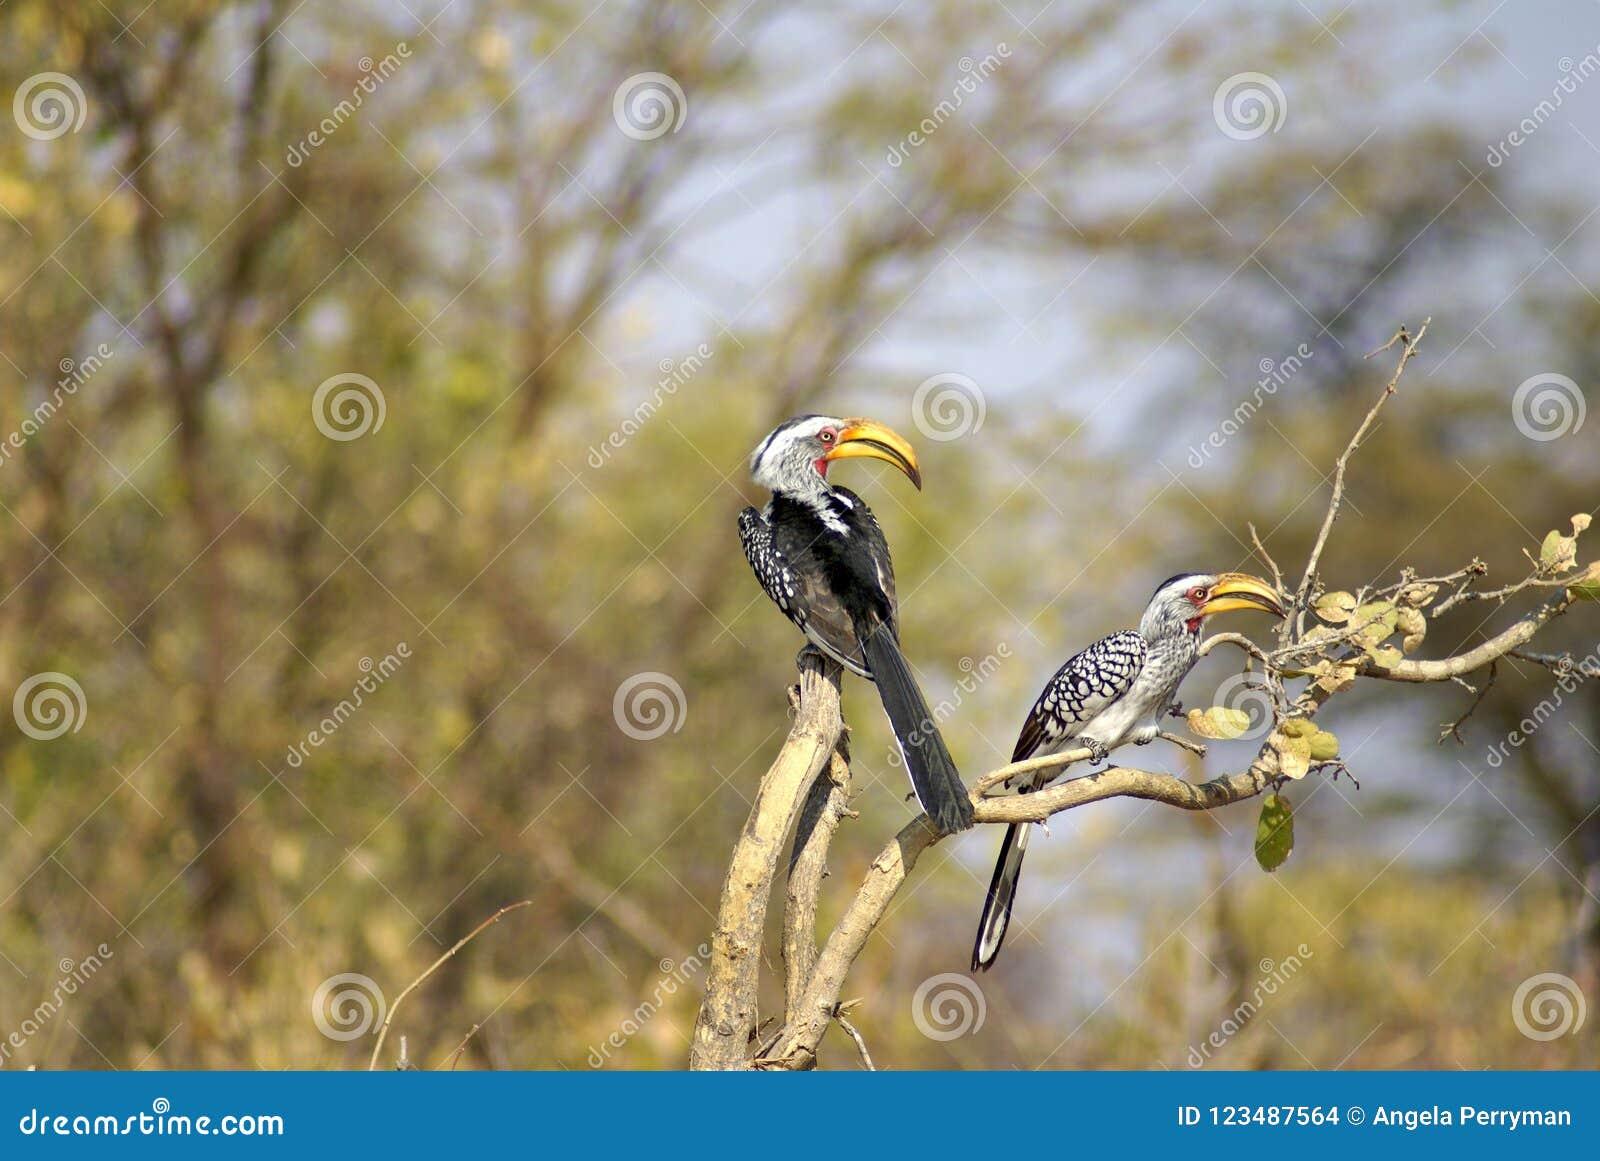 Południowe wystawiać rachunek dzioborożec na drzewie